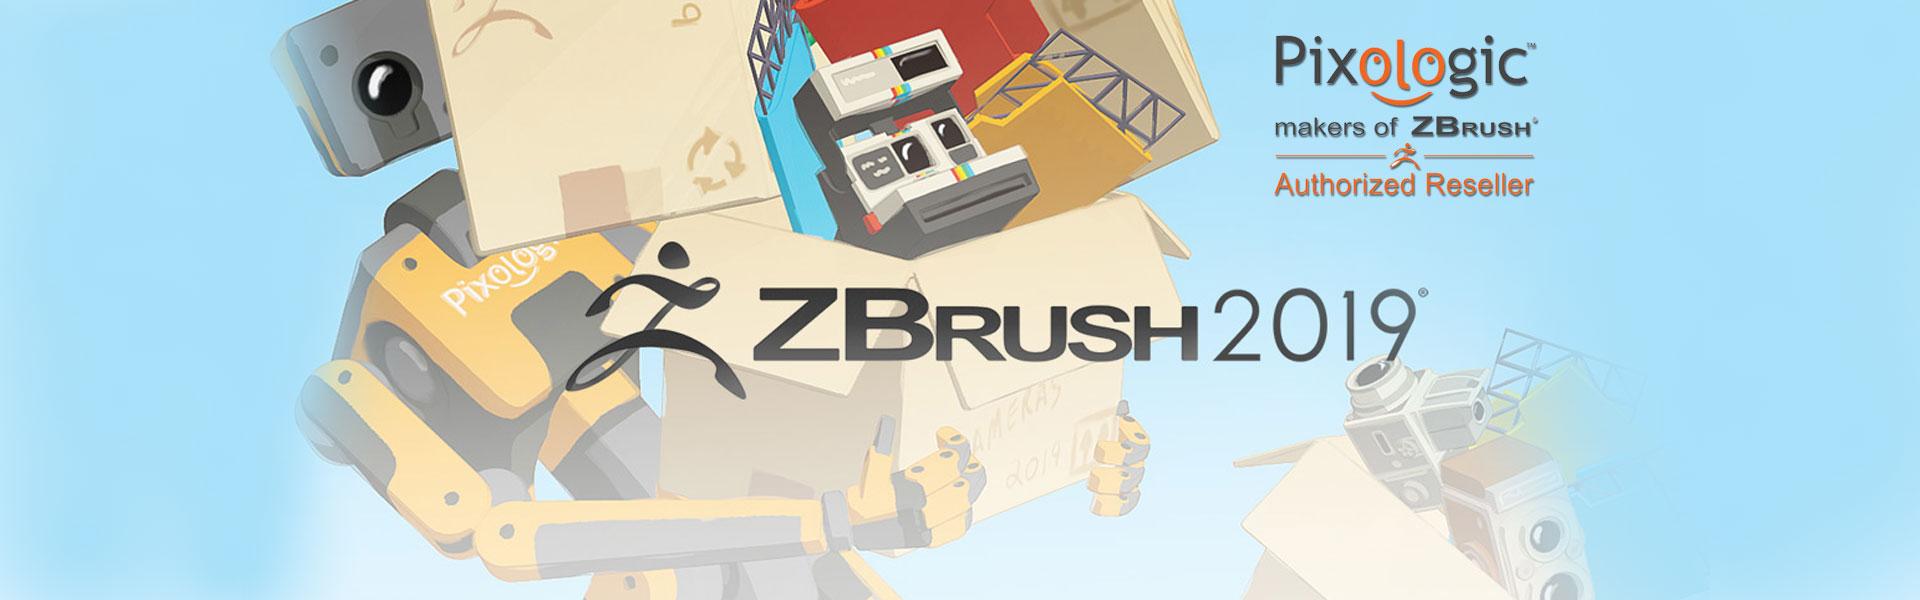 zbrush-2019-yayınlandı.